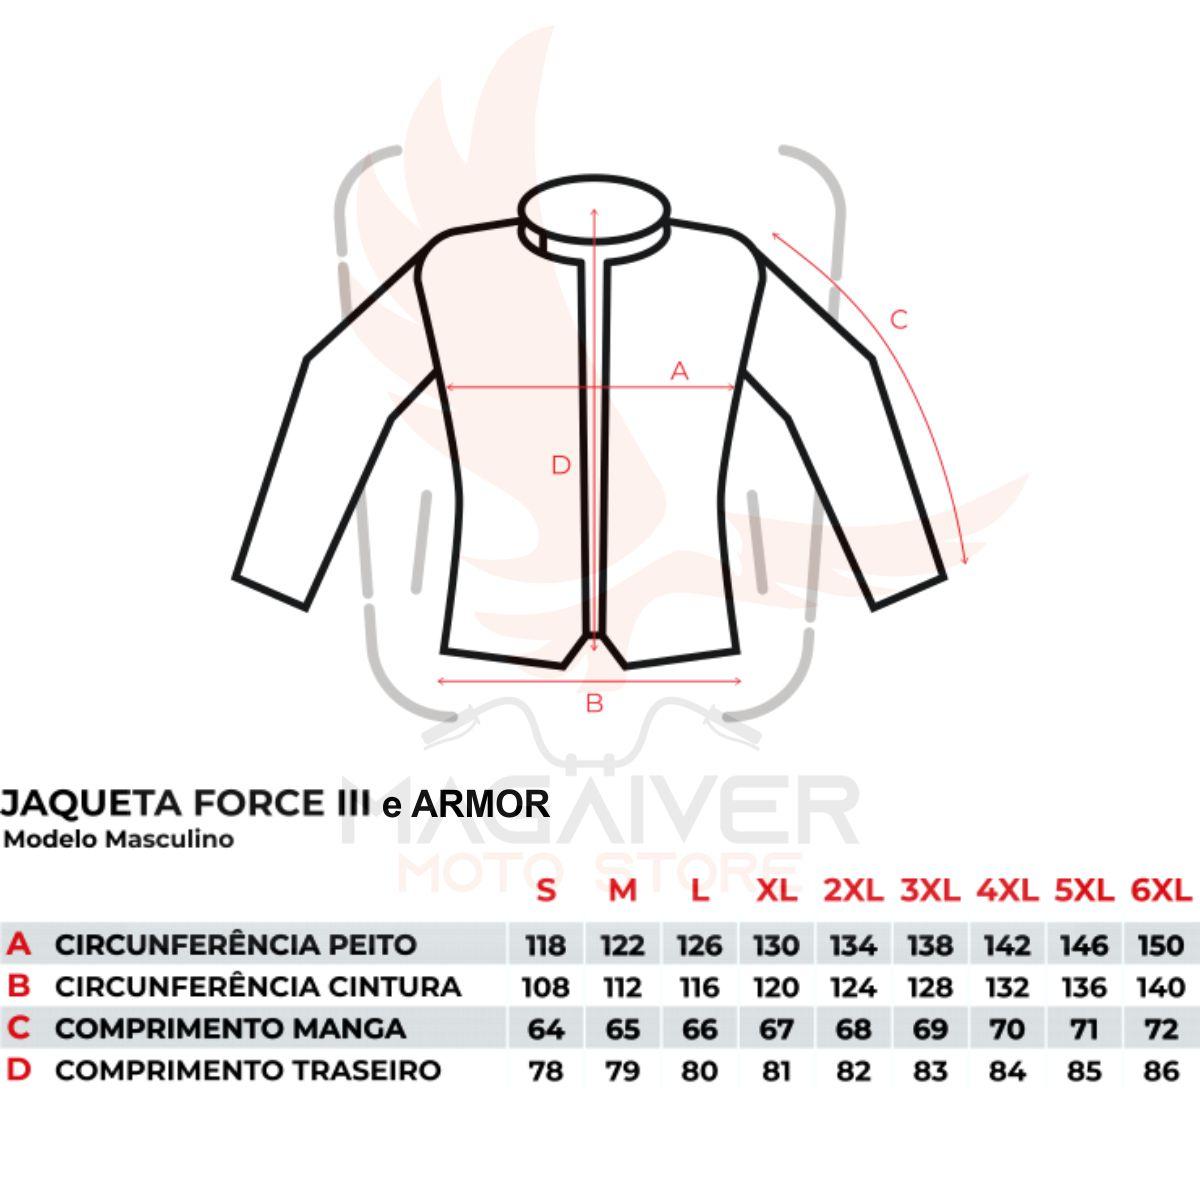 JAQUETA MOTOQUEIRO TEXX ARMOR ESTILO PARKA IMPERMEÁVEL MOTOCICLISTA 3G + BLUSA SEGUNDA PELE UV 50+